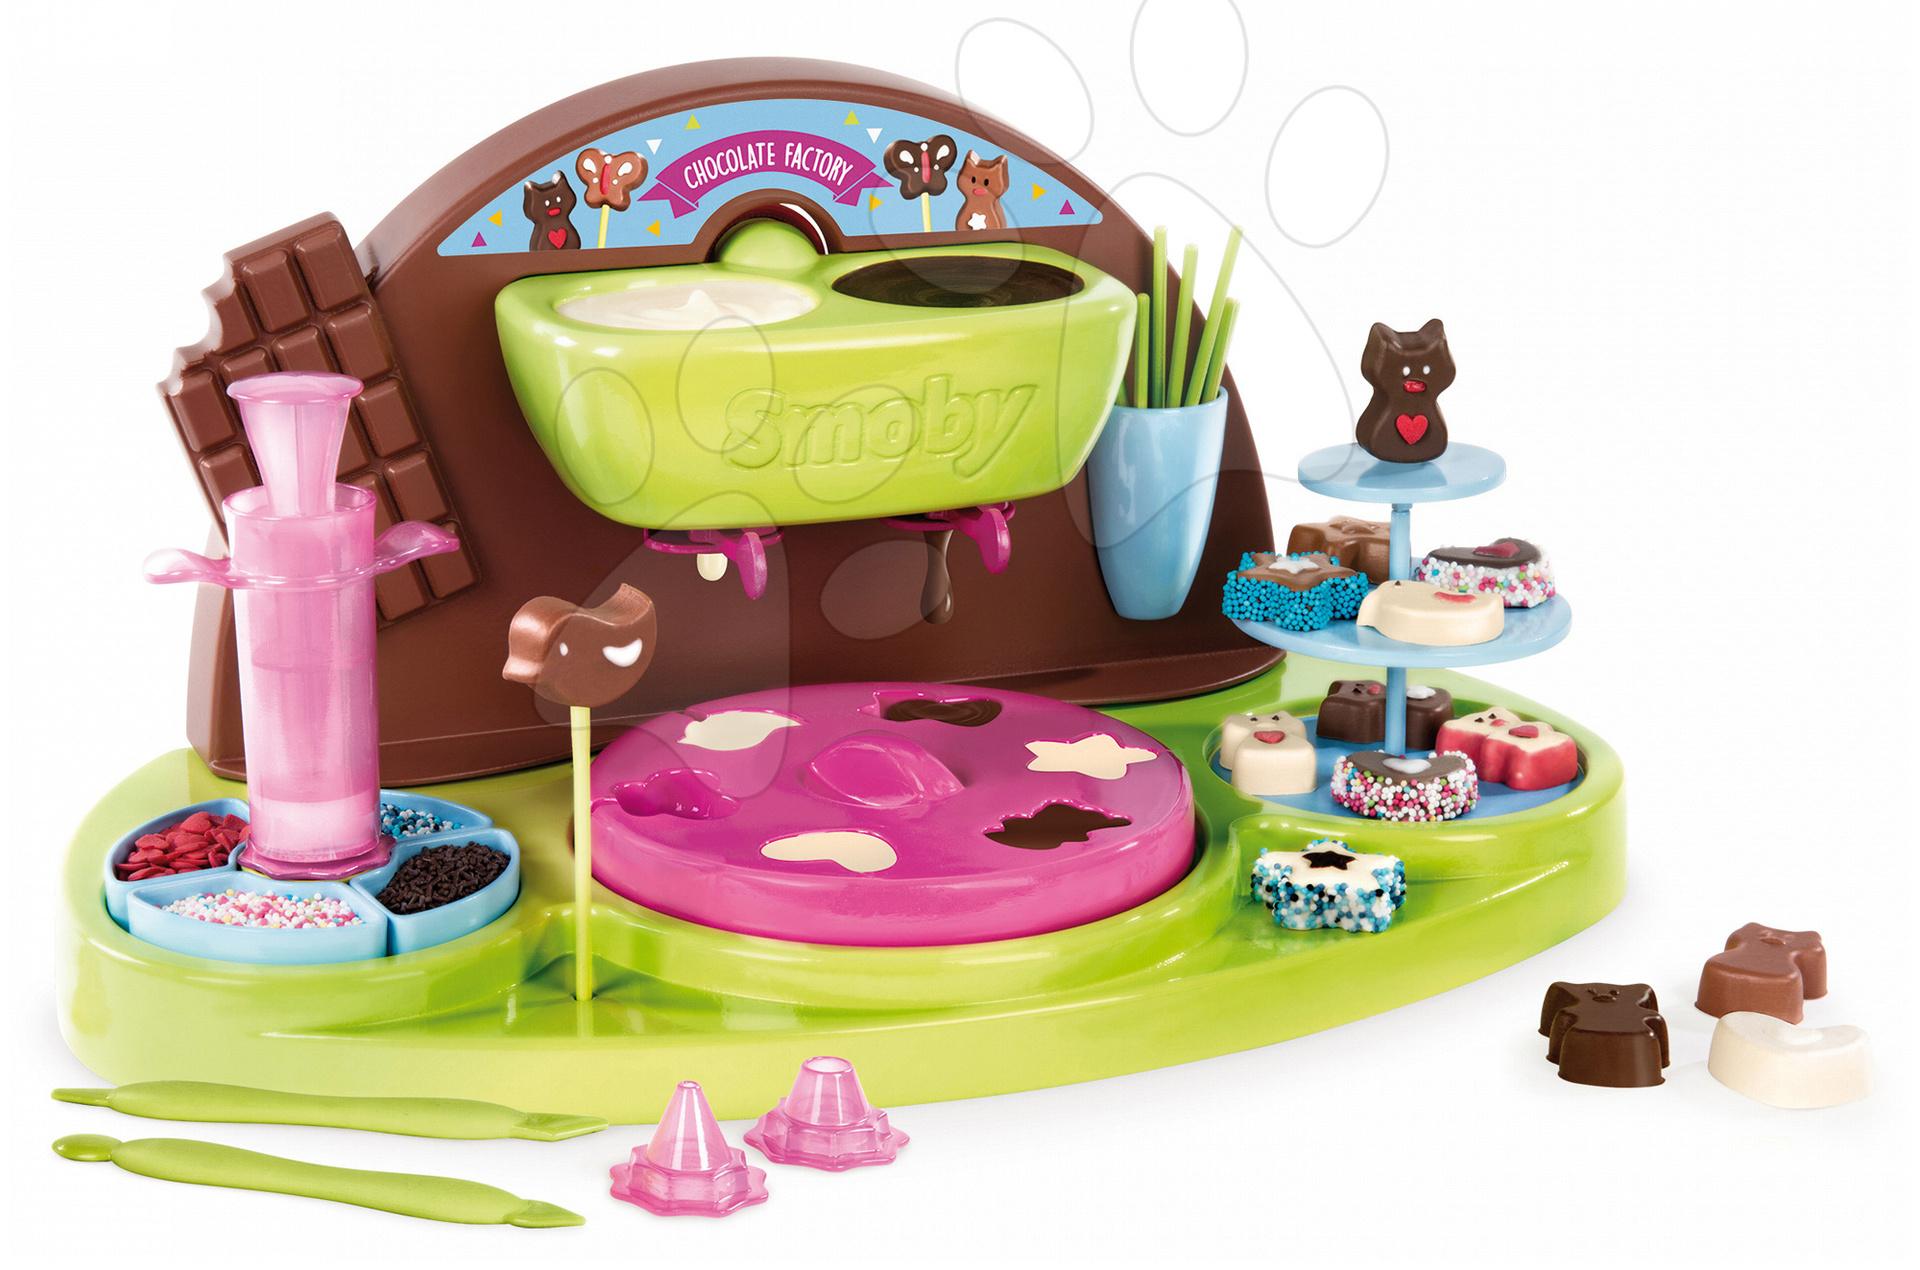 Smoby prístroj pre deti na výrobu čokoládových cukríkov 312102 zeleno-hnedý